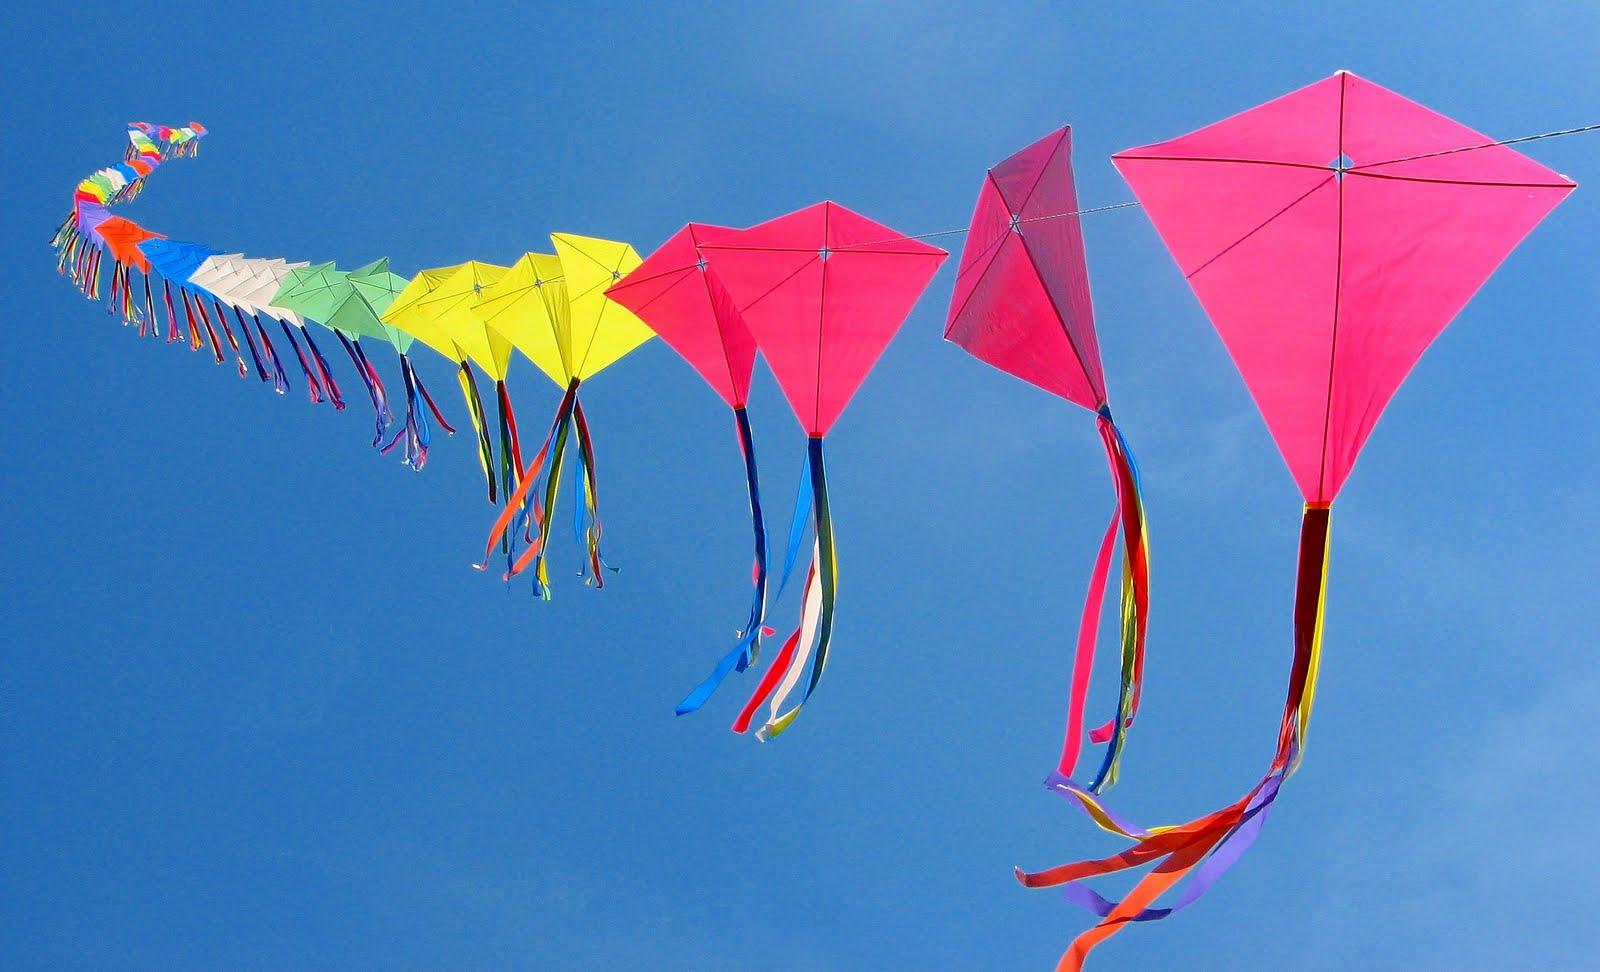 kites kites in line kites in sky kites canada kites in the sky chinese 1600x972